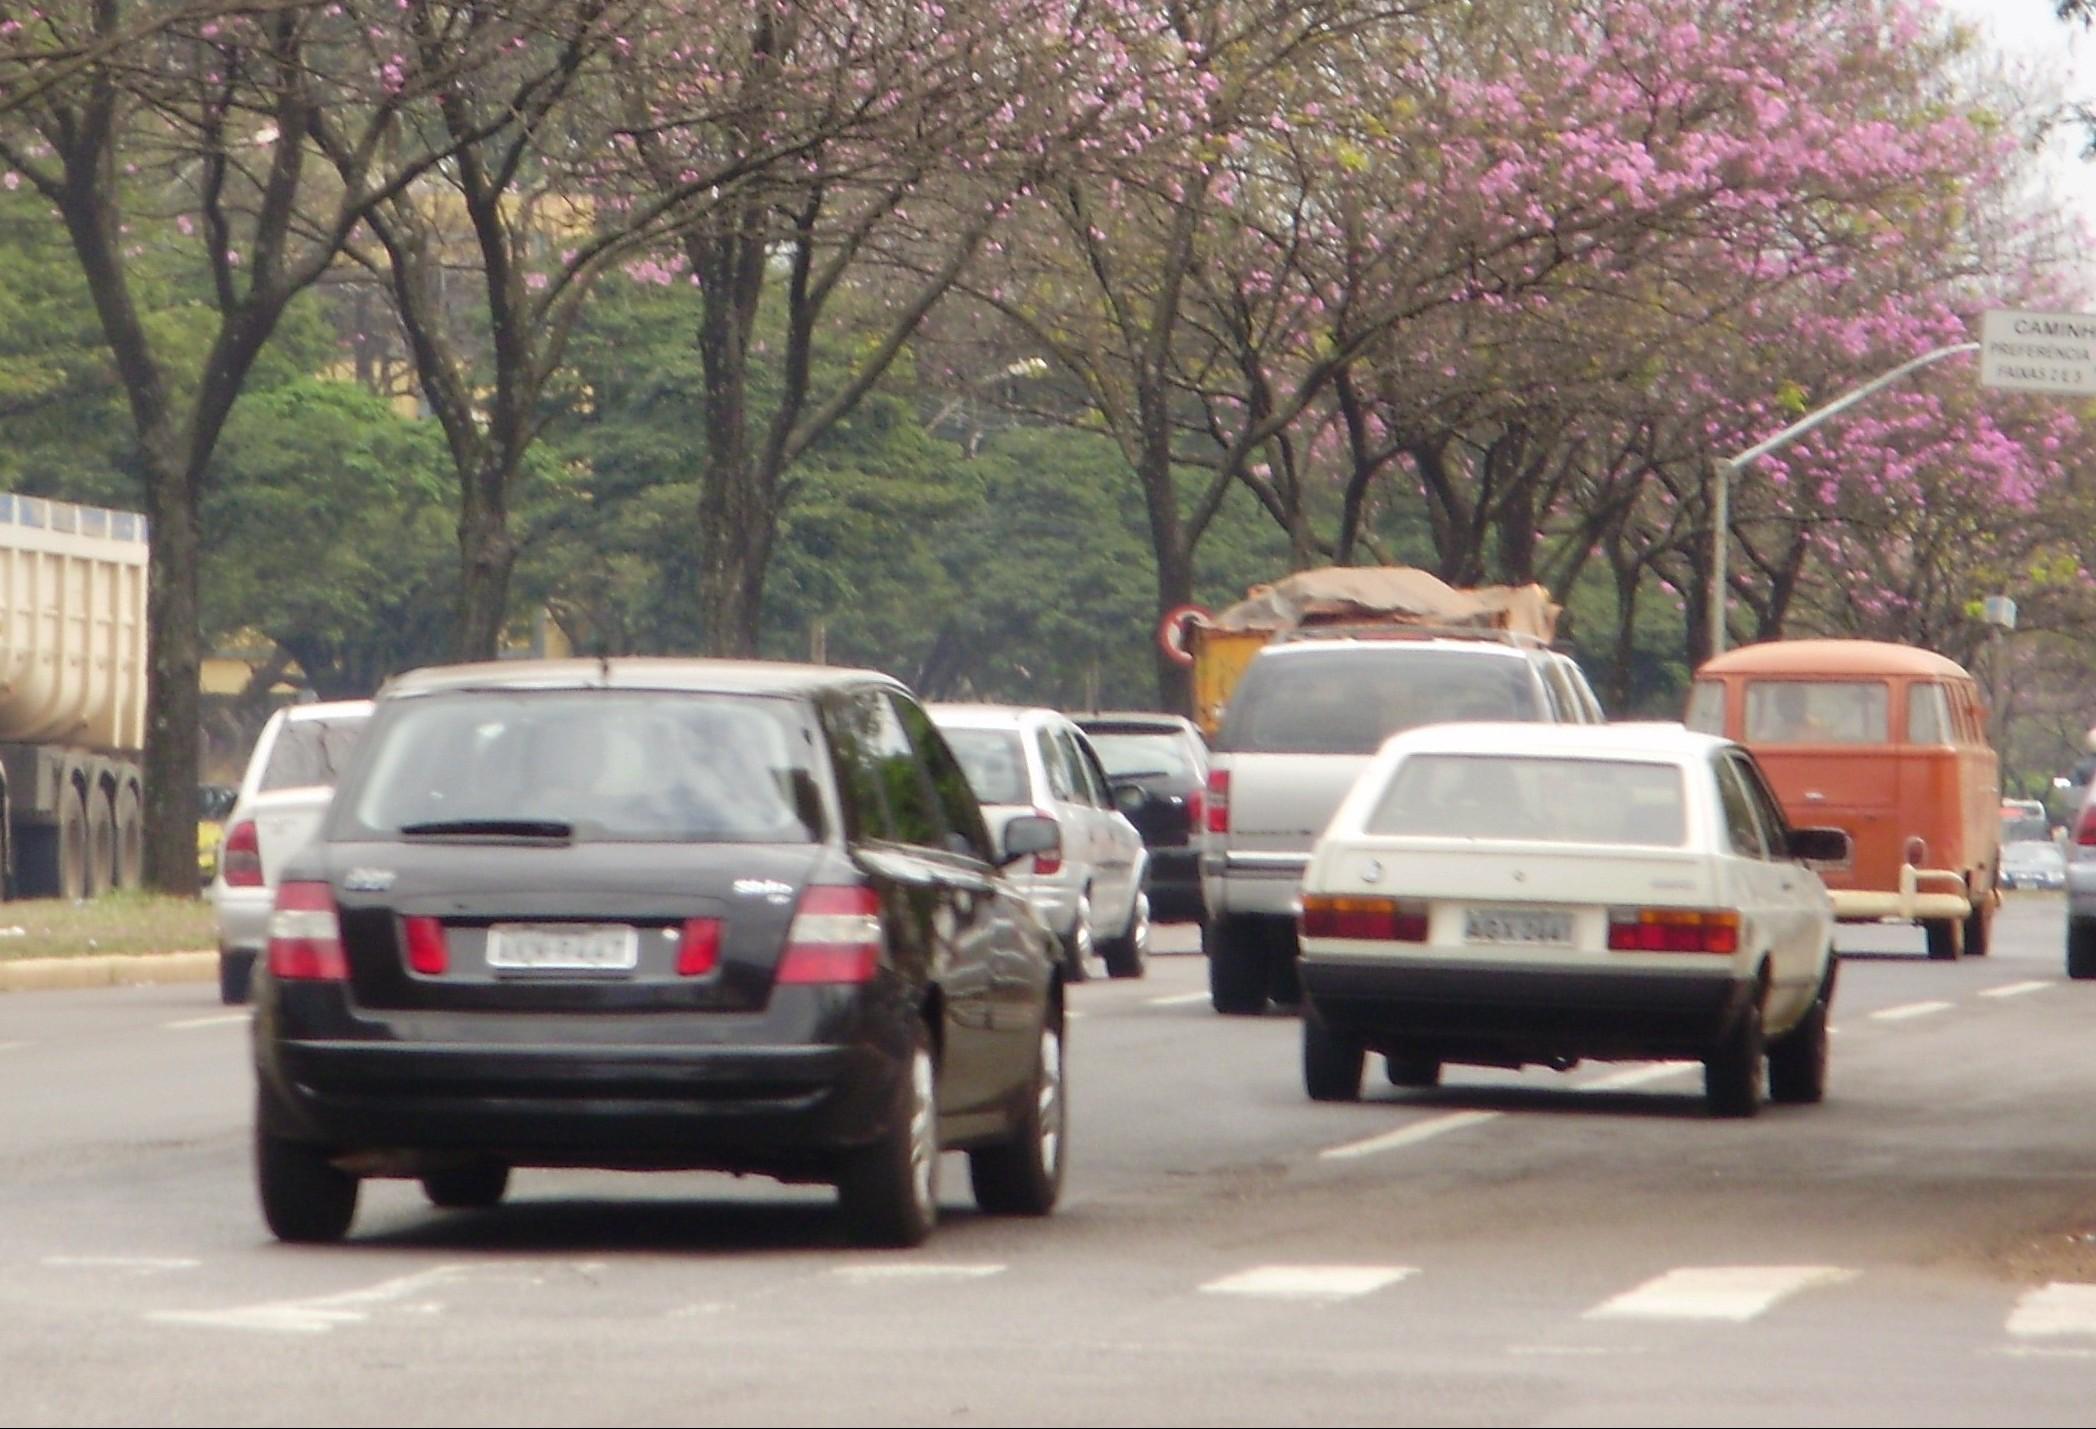 Buzina, fila dupla, motorista que não dá seta, o que mais irrita no trânsito?